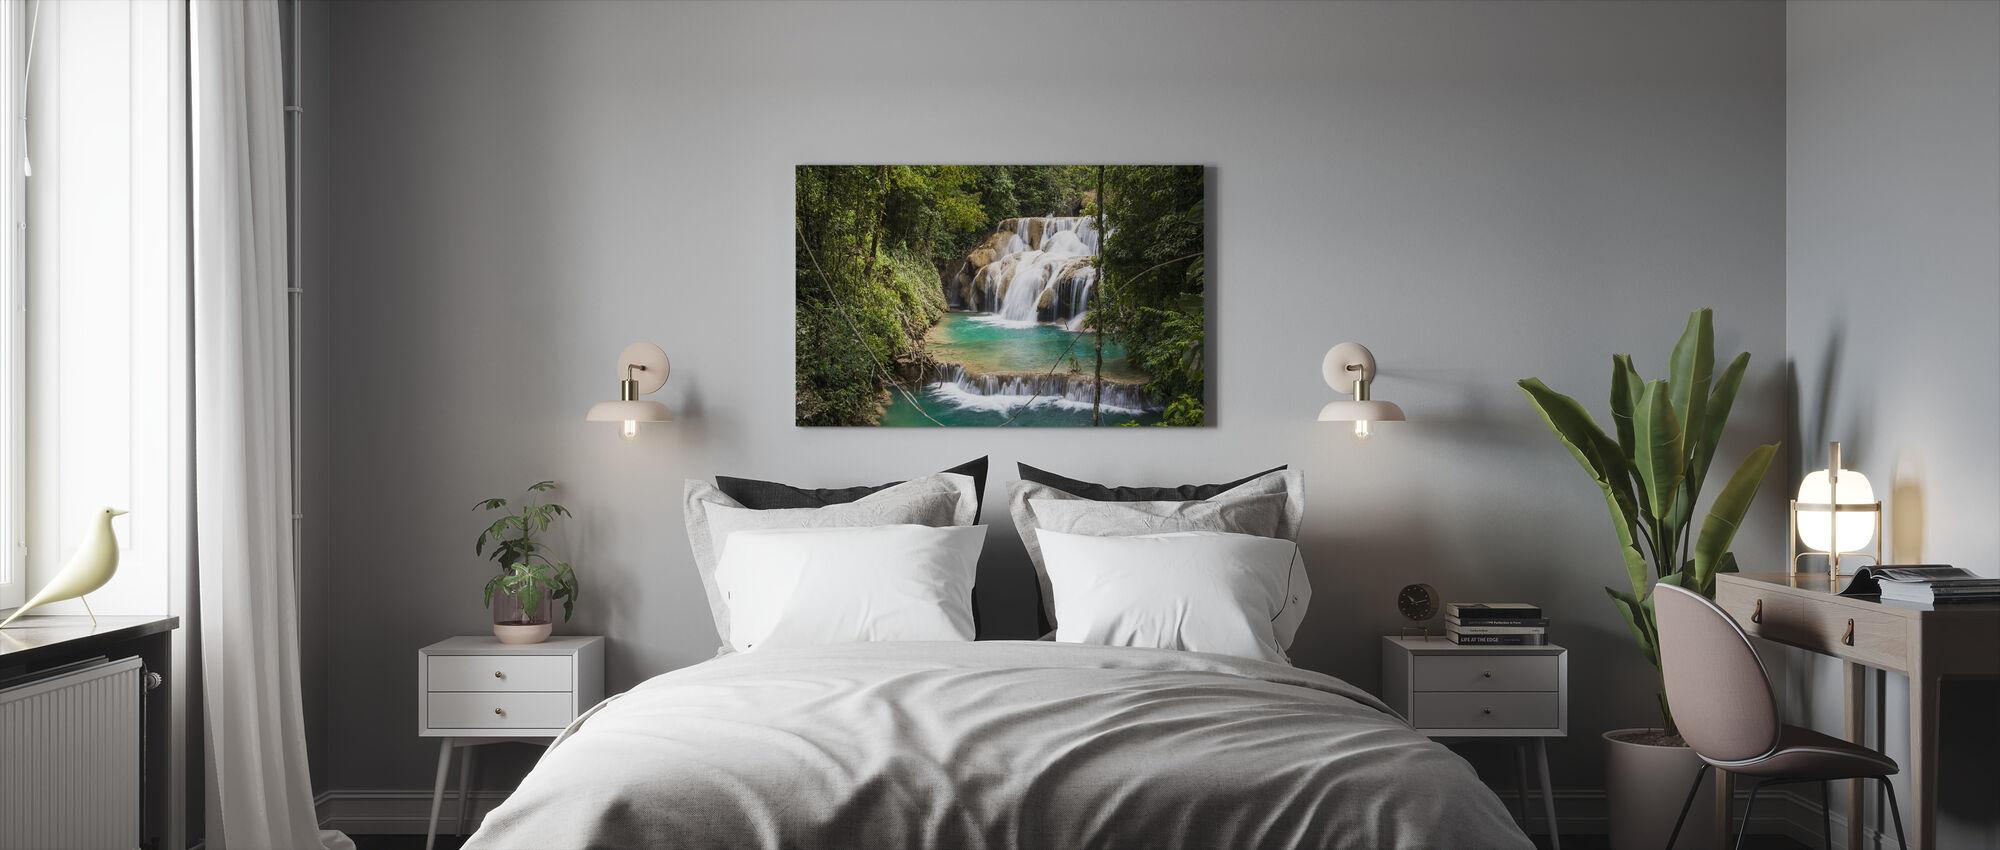 Las Golondrinas Waterfalls - Canvas print - Bedroom